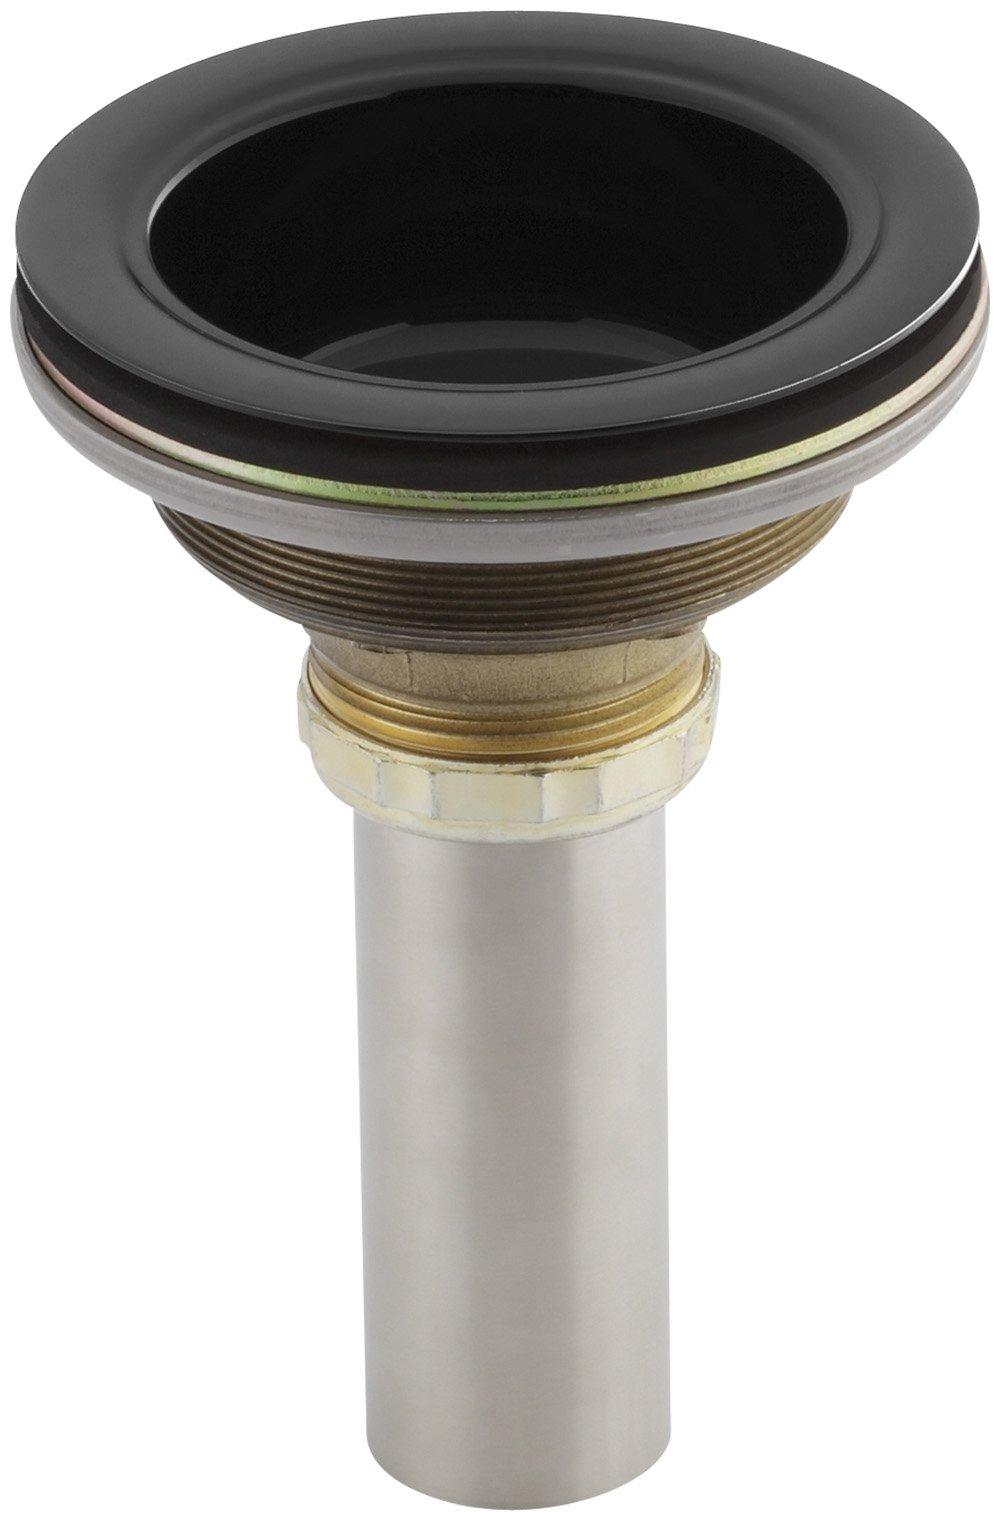 KOHLER K-8804-7 Duostrainer Body, Black Black